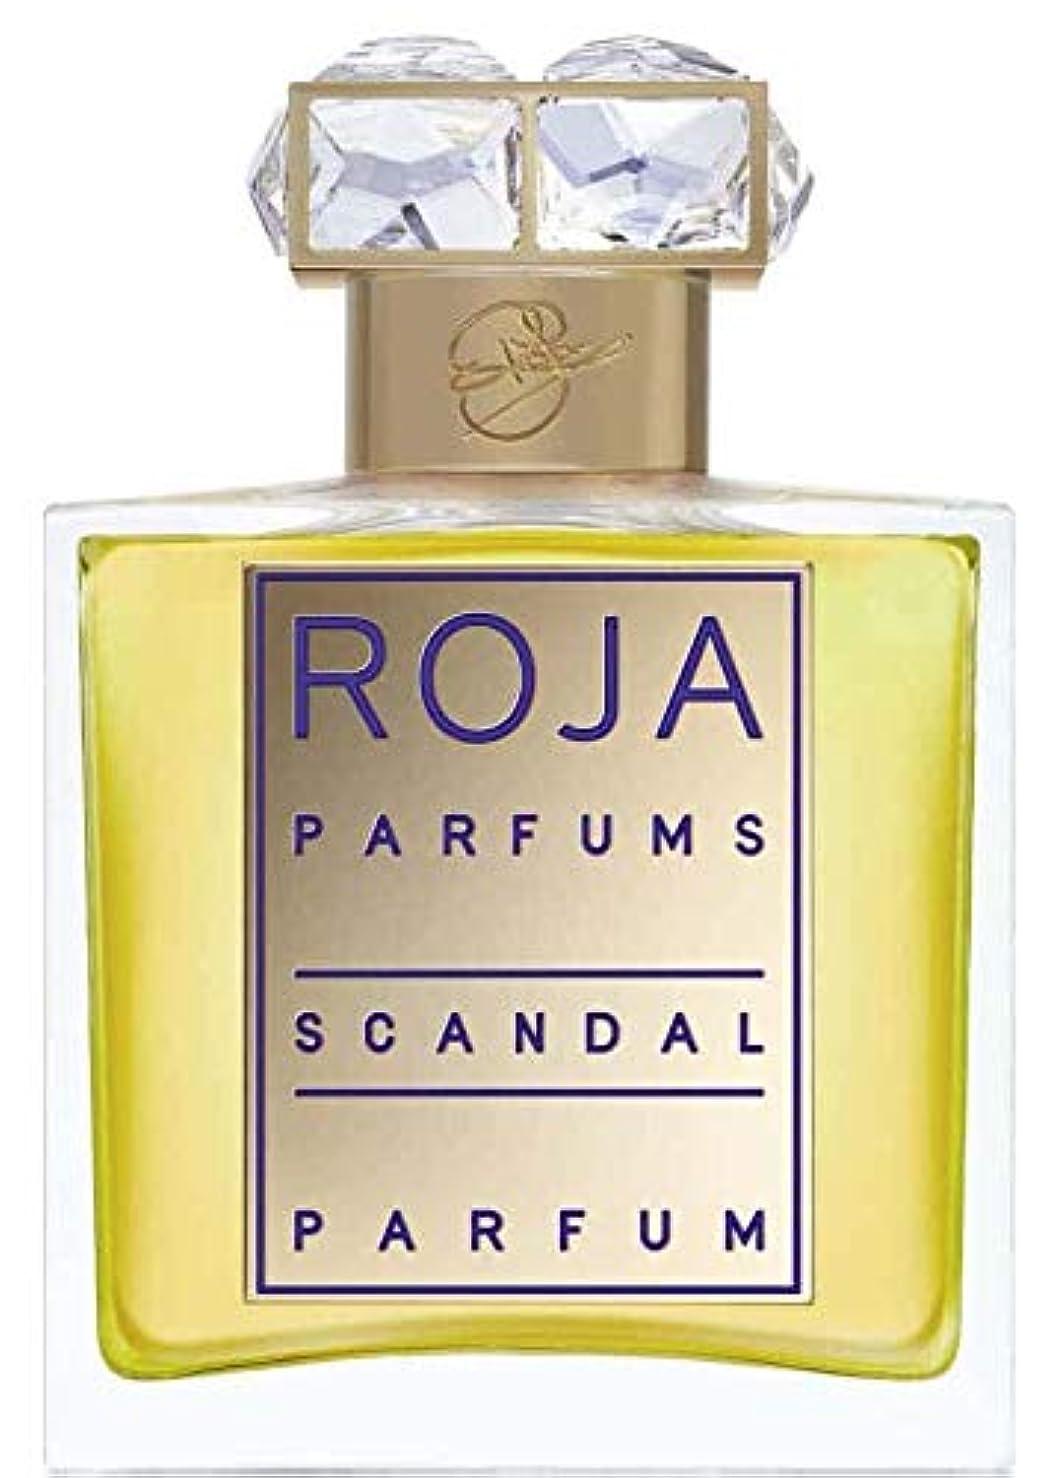 好色な会うチャップロジャ スキャンダル パルファン プール ファム 50ml (Roja Parfums Scandal Pour Femme EDP 50ml) [並行輸入品]